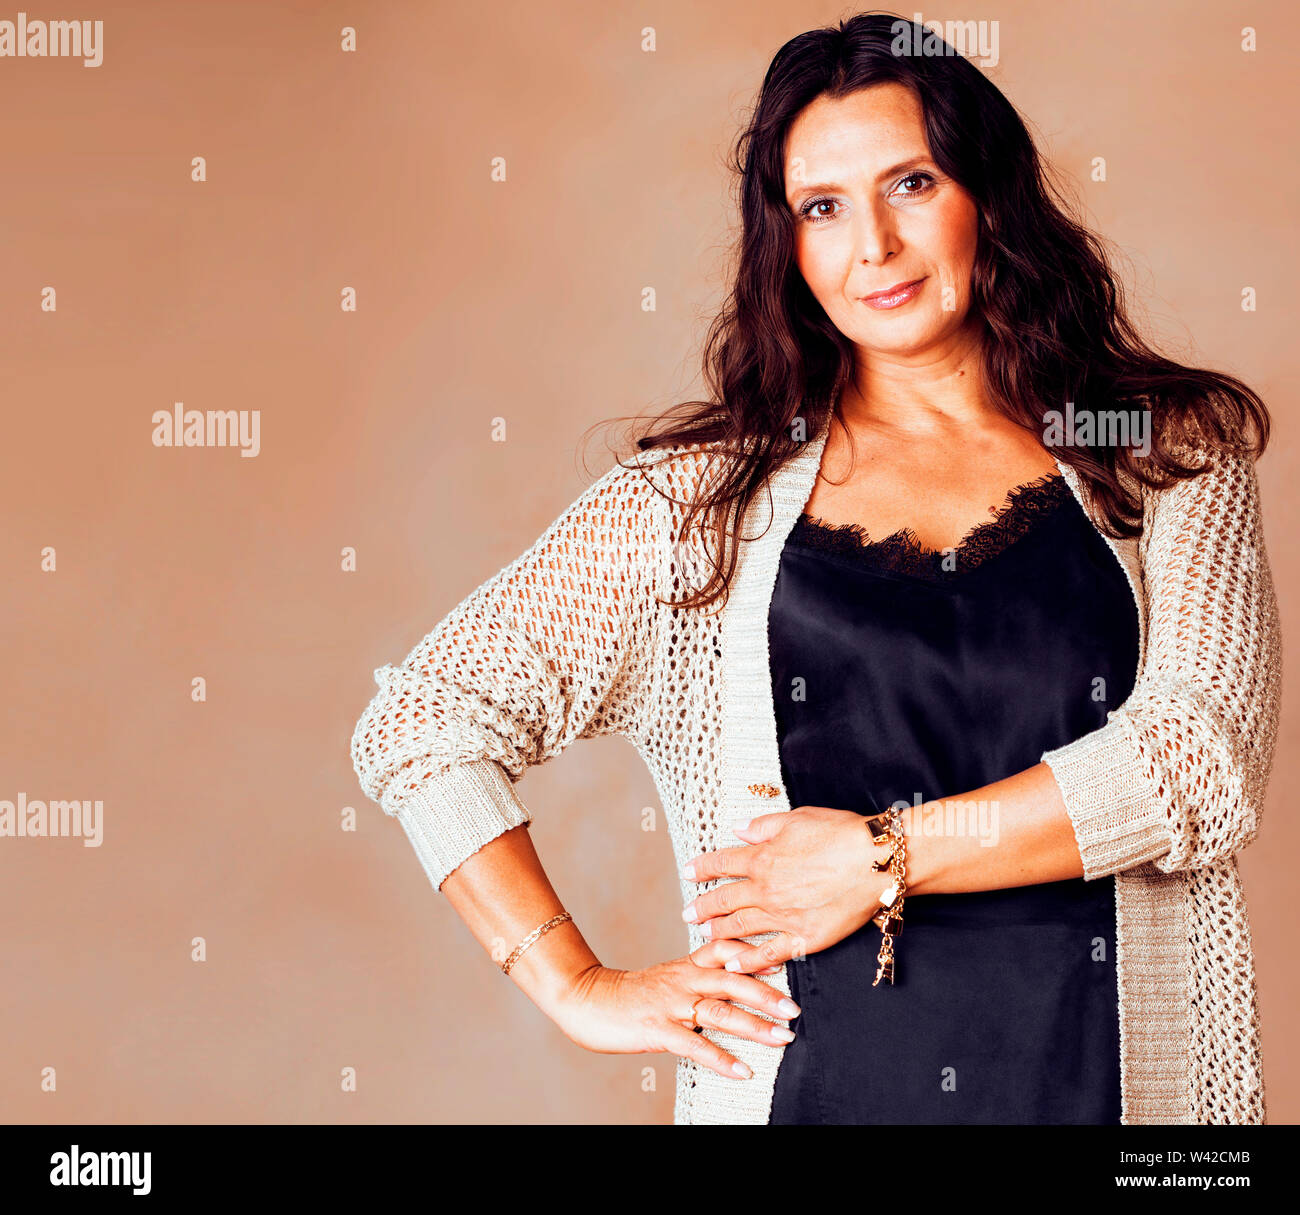 Belle brune confiant mature woman posing cheerful sur fond chaud, le mode de vie de personnes concept close up Photo Stock